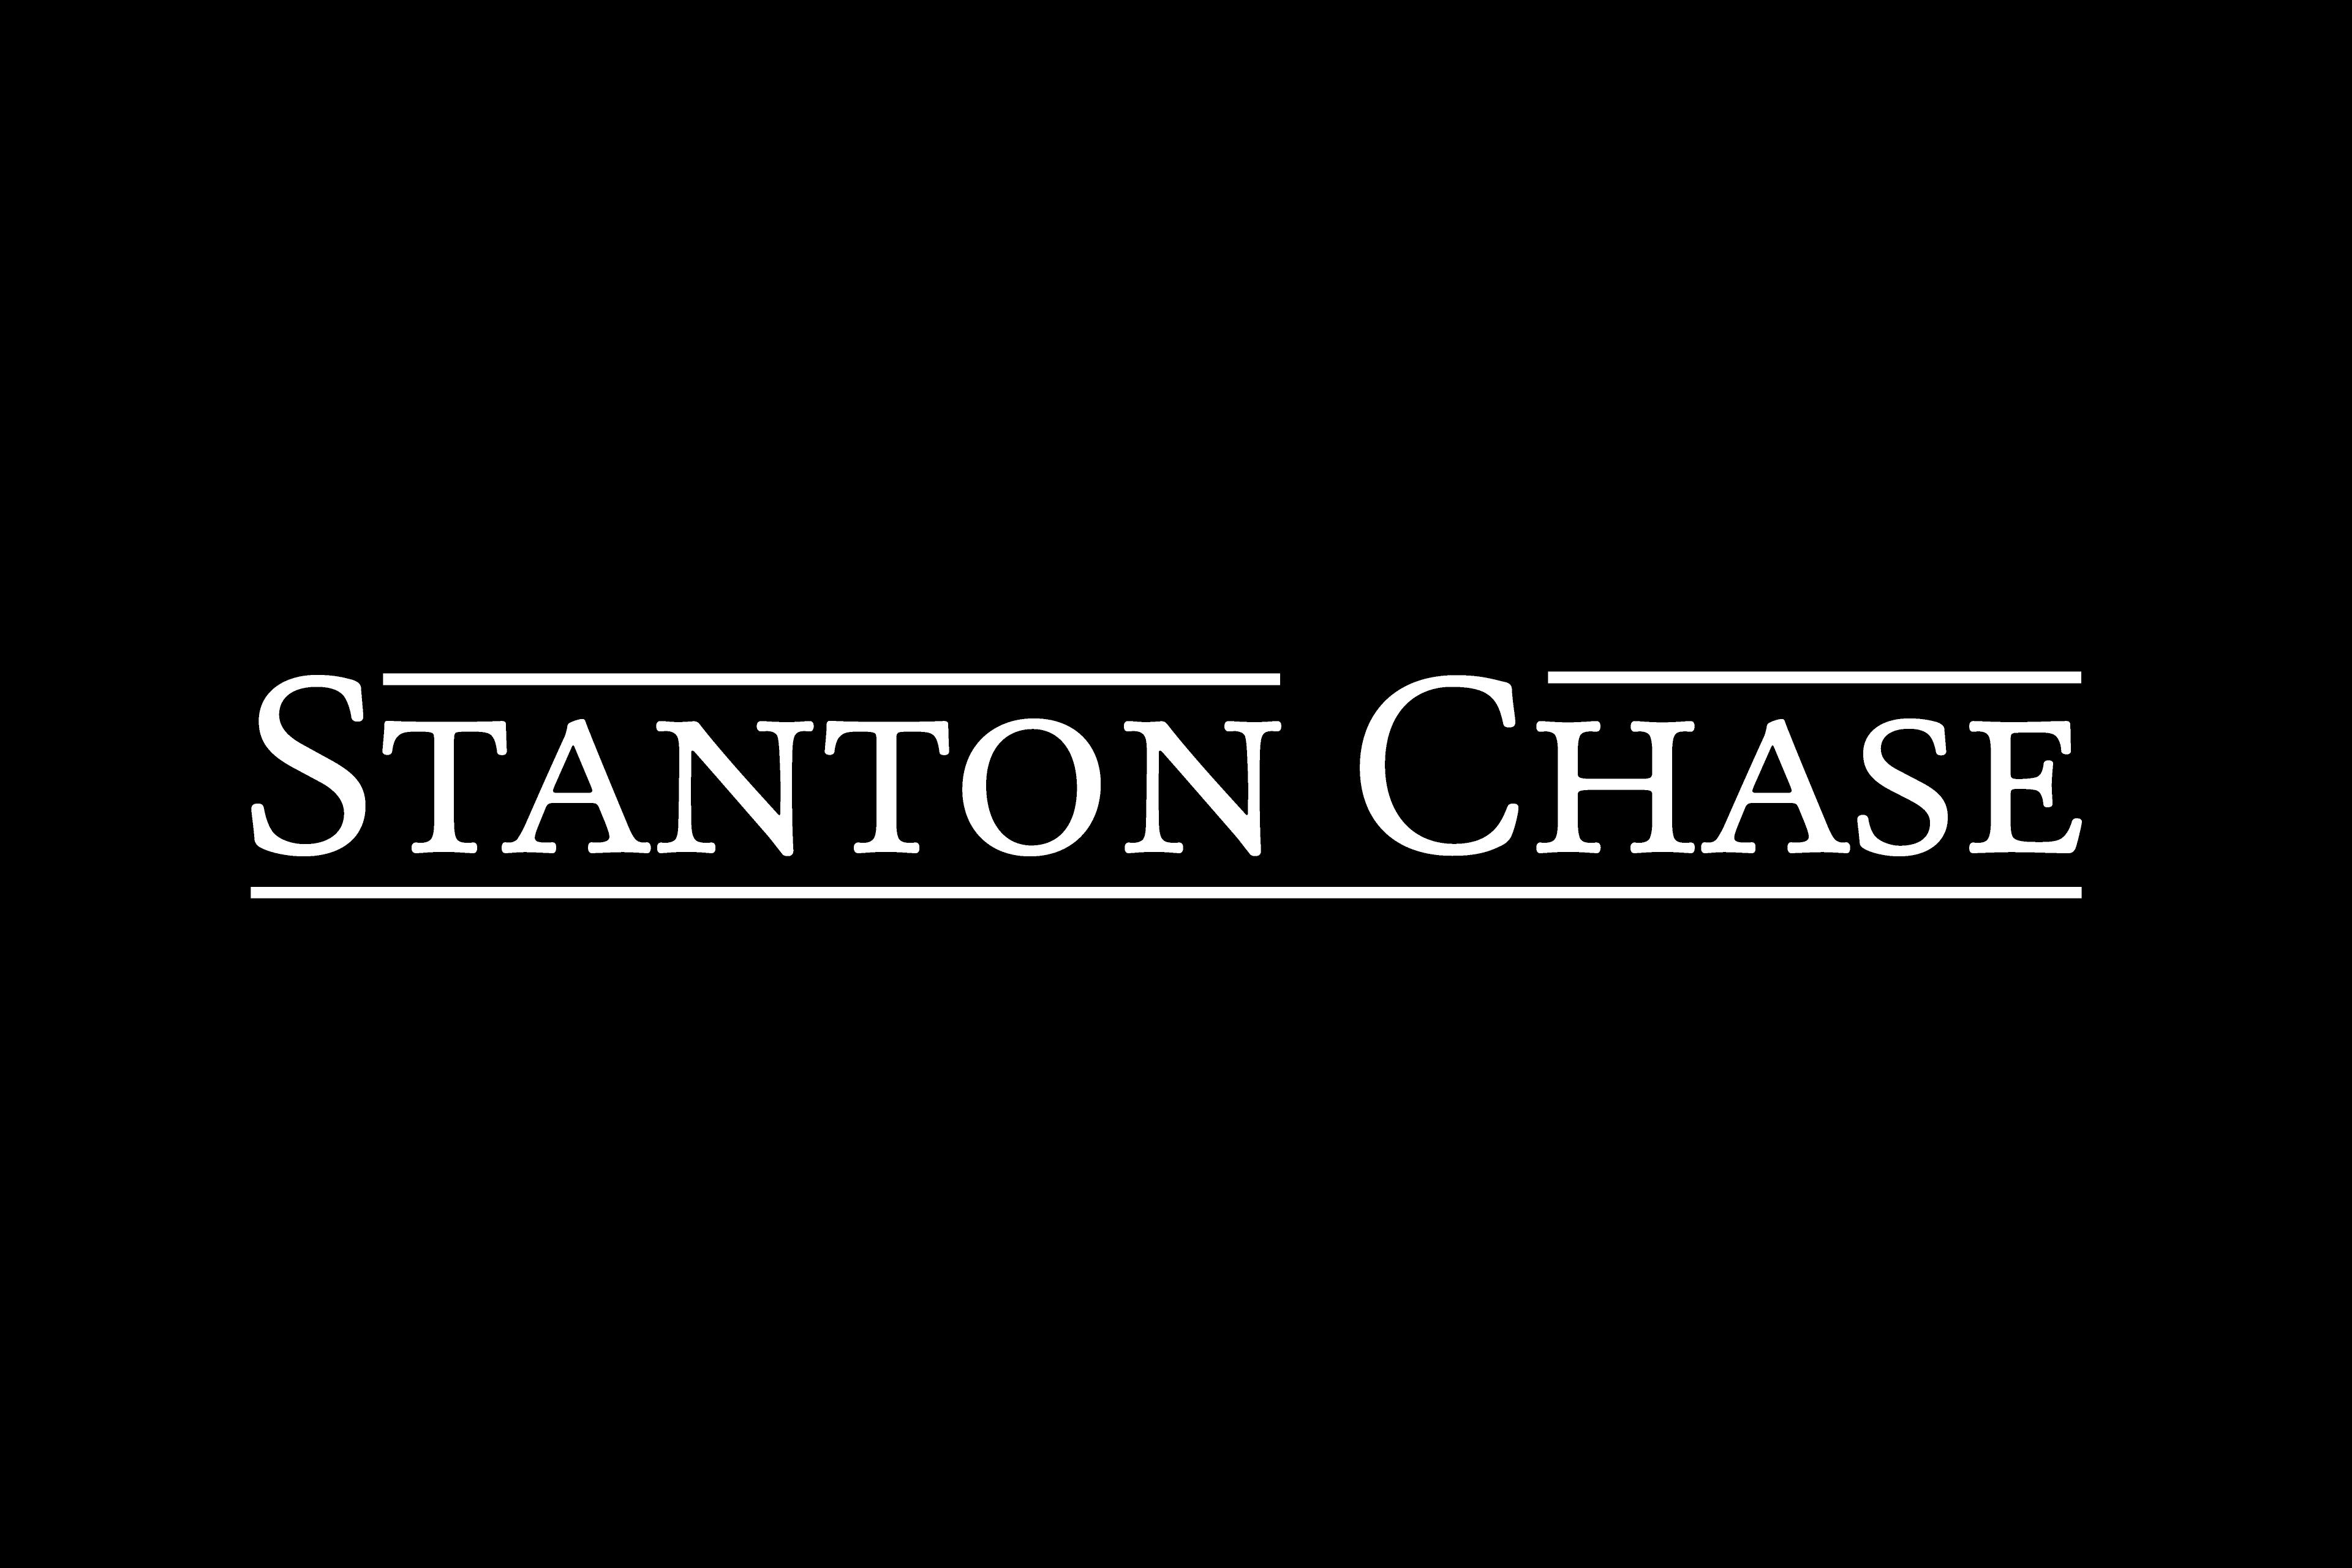 stanton-chase-logo